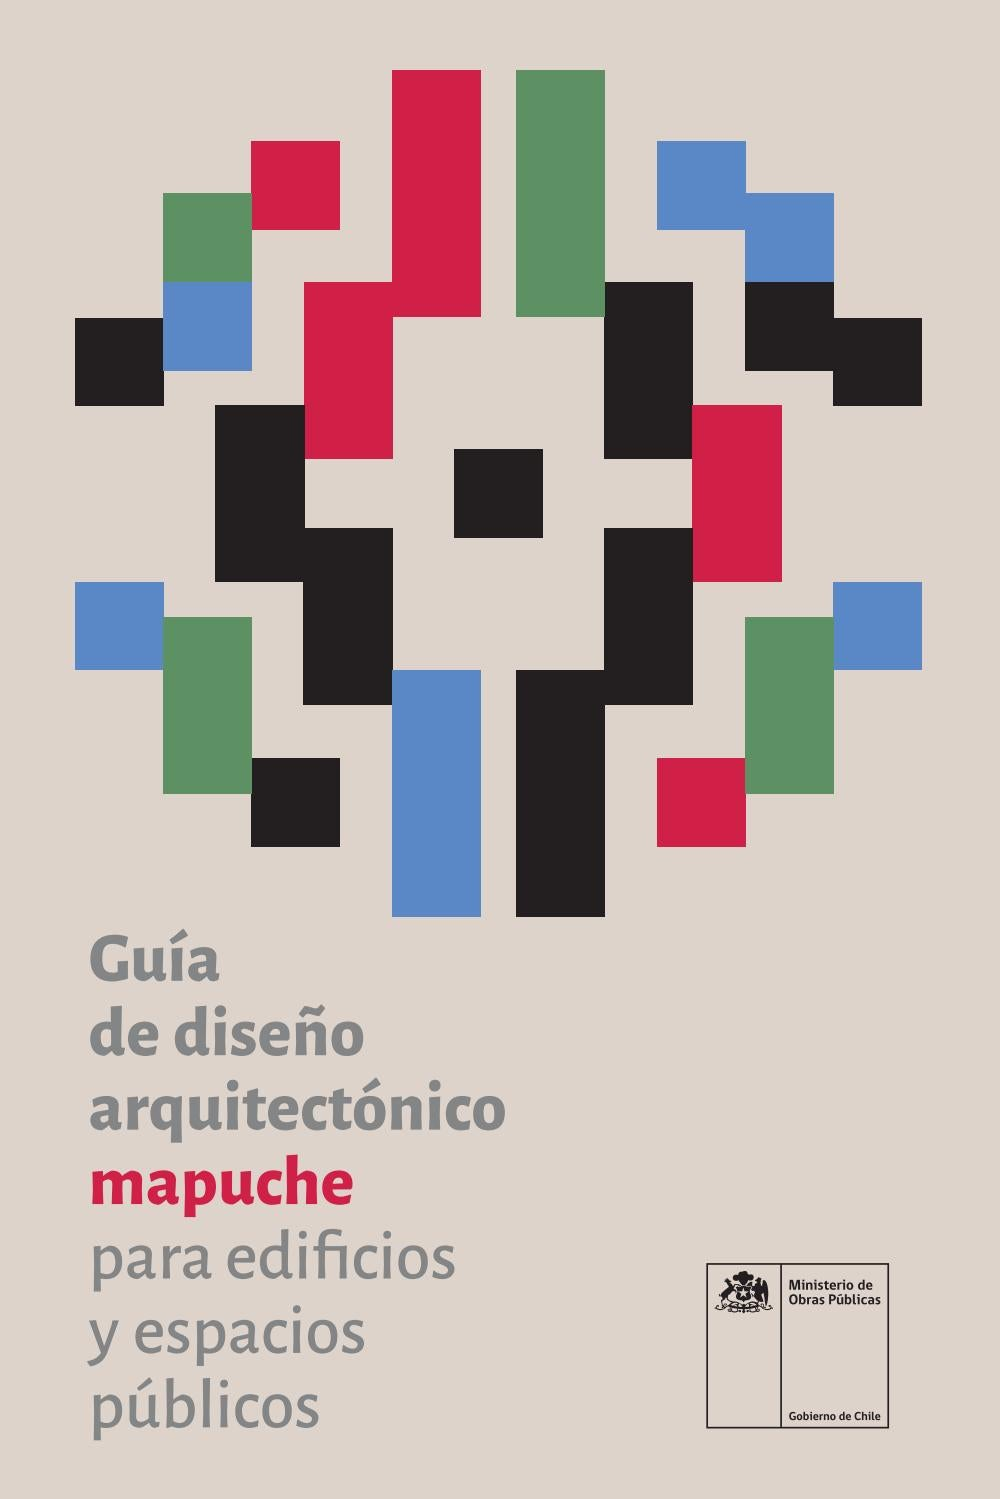 Guía De Diseño Arquitectónico Mapuche Para Edificios Y